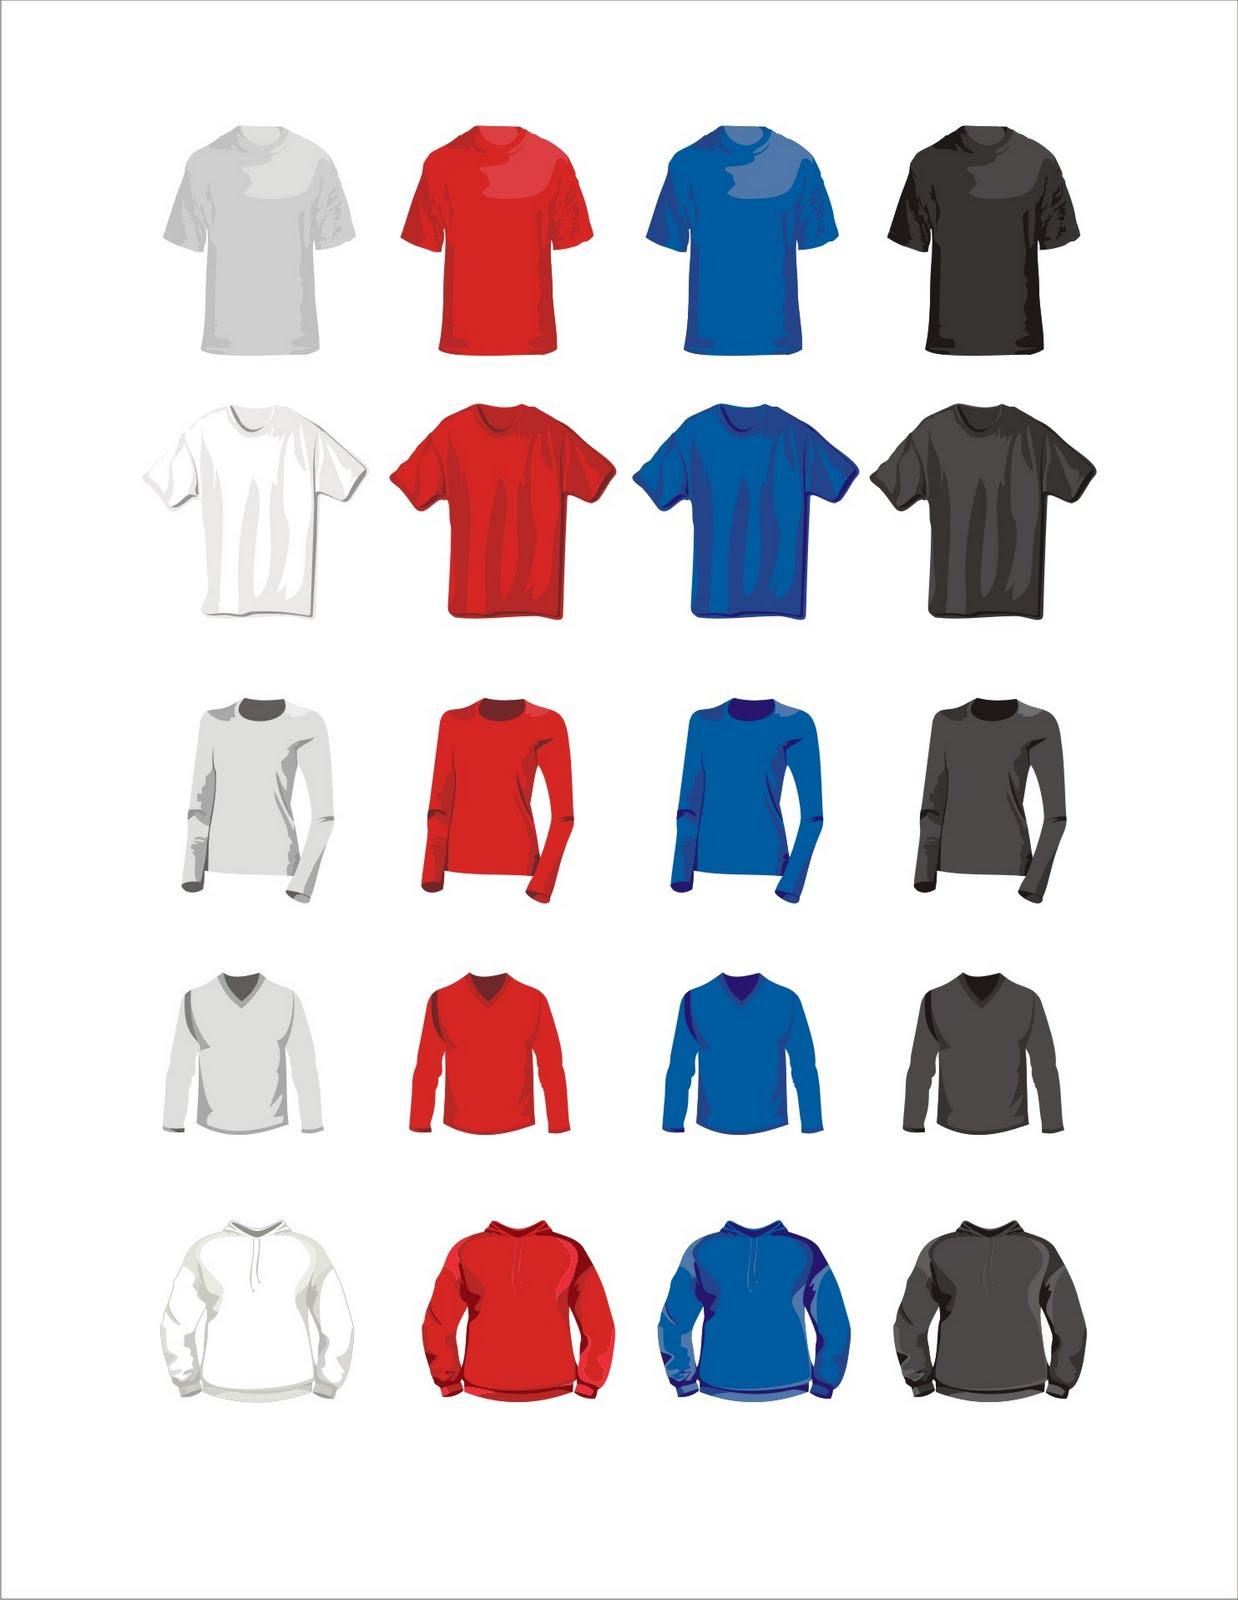 ... baju/jaket... bisa buat contoh desain kaos. masi ada file cdr